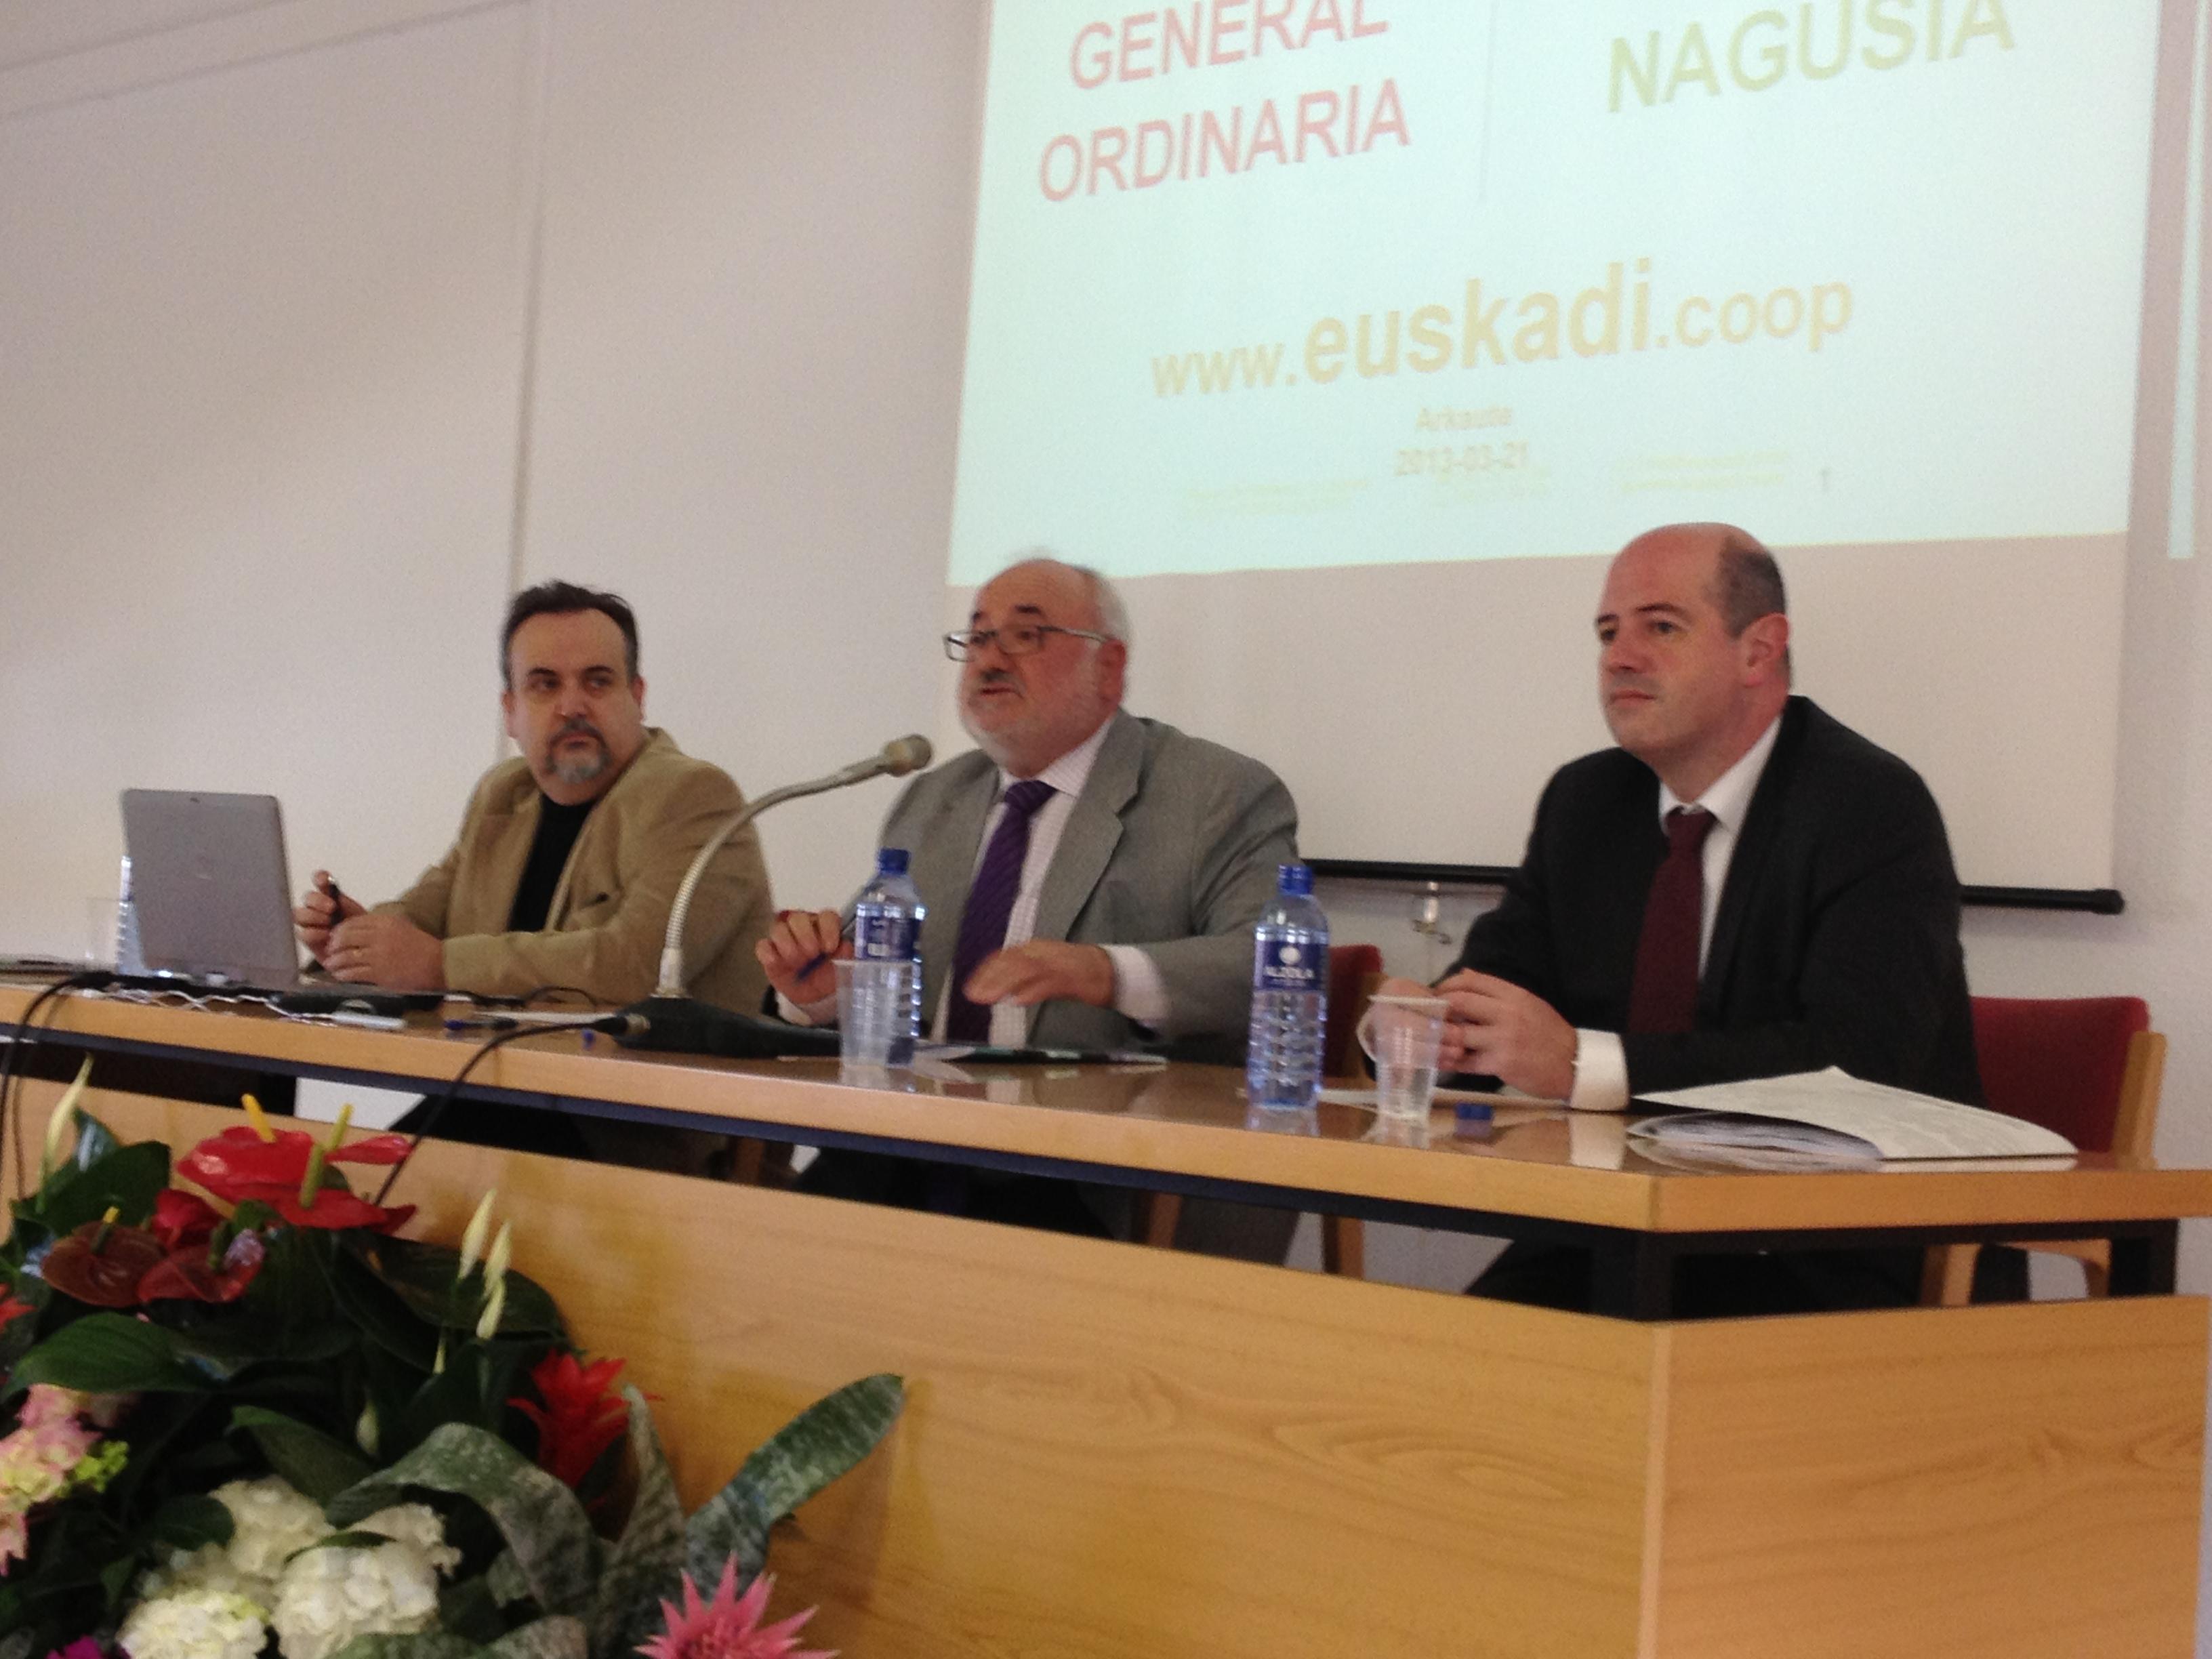 cooperativas_agraria1.jpg